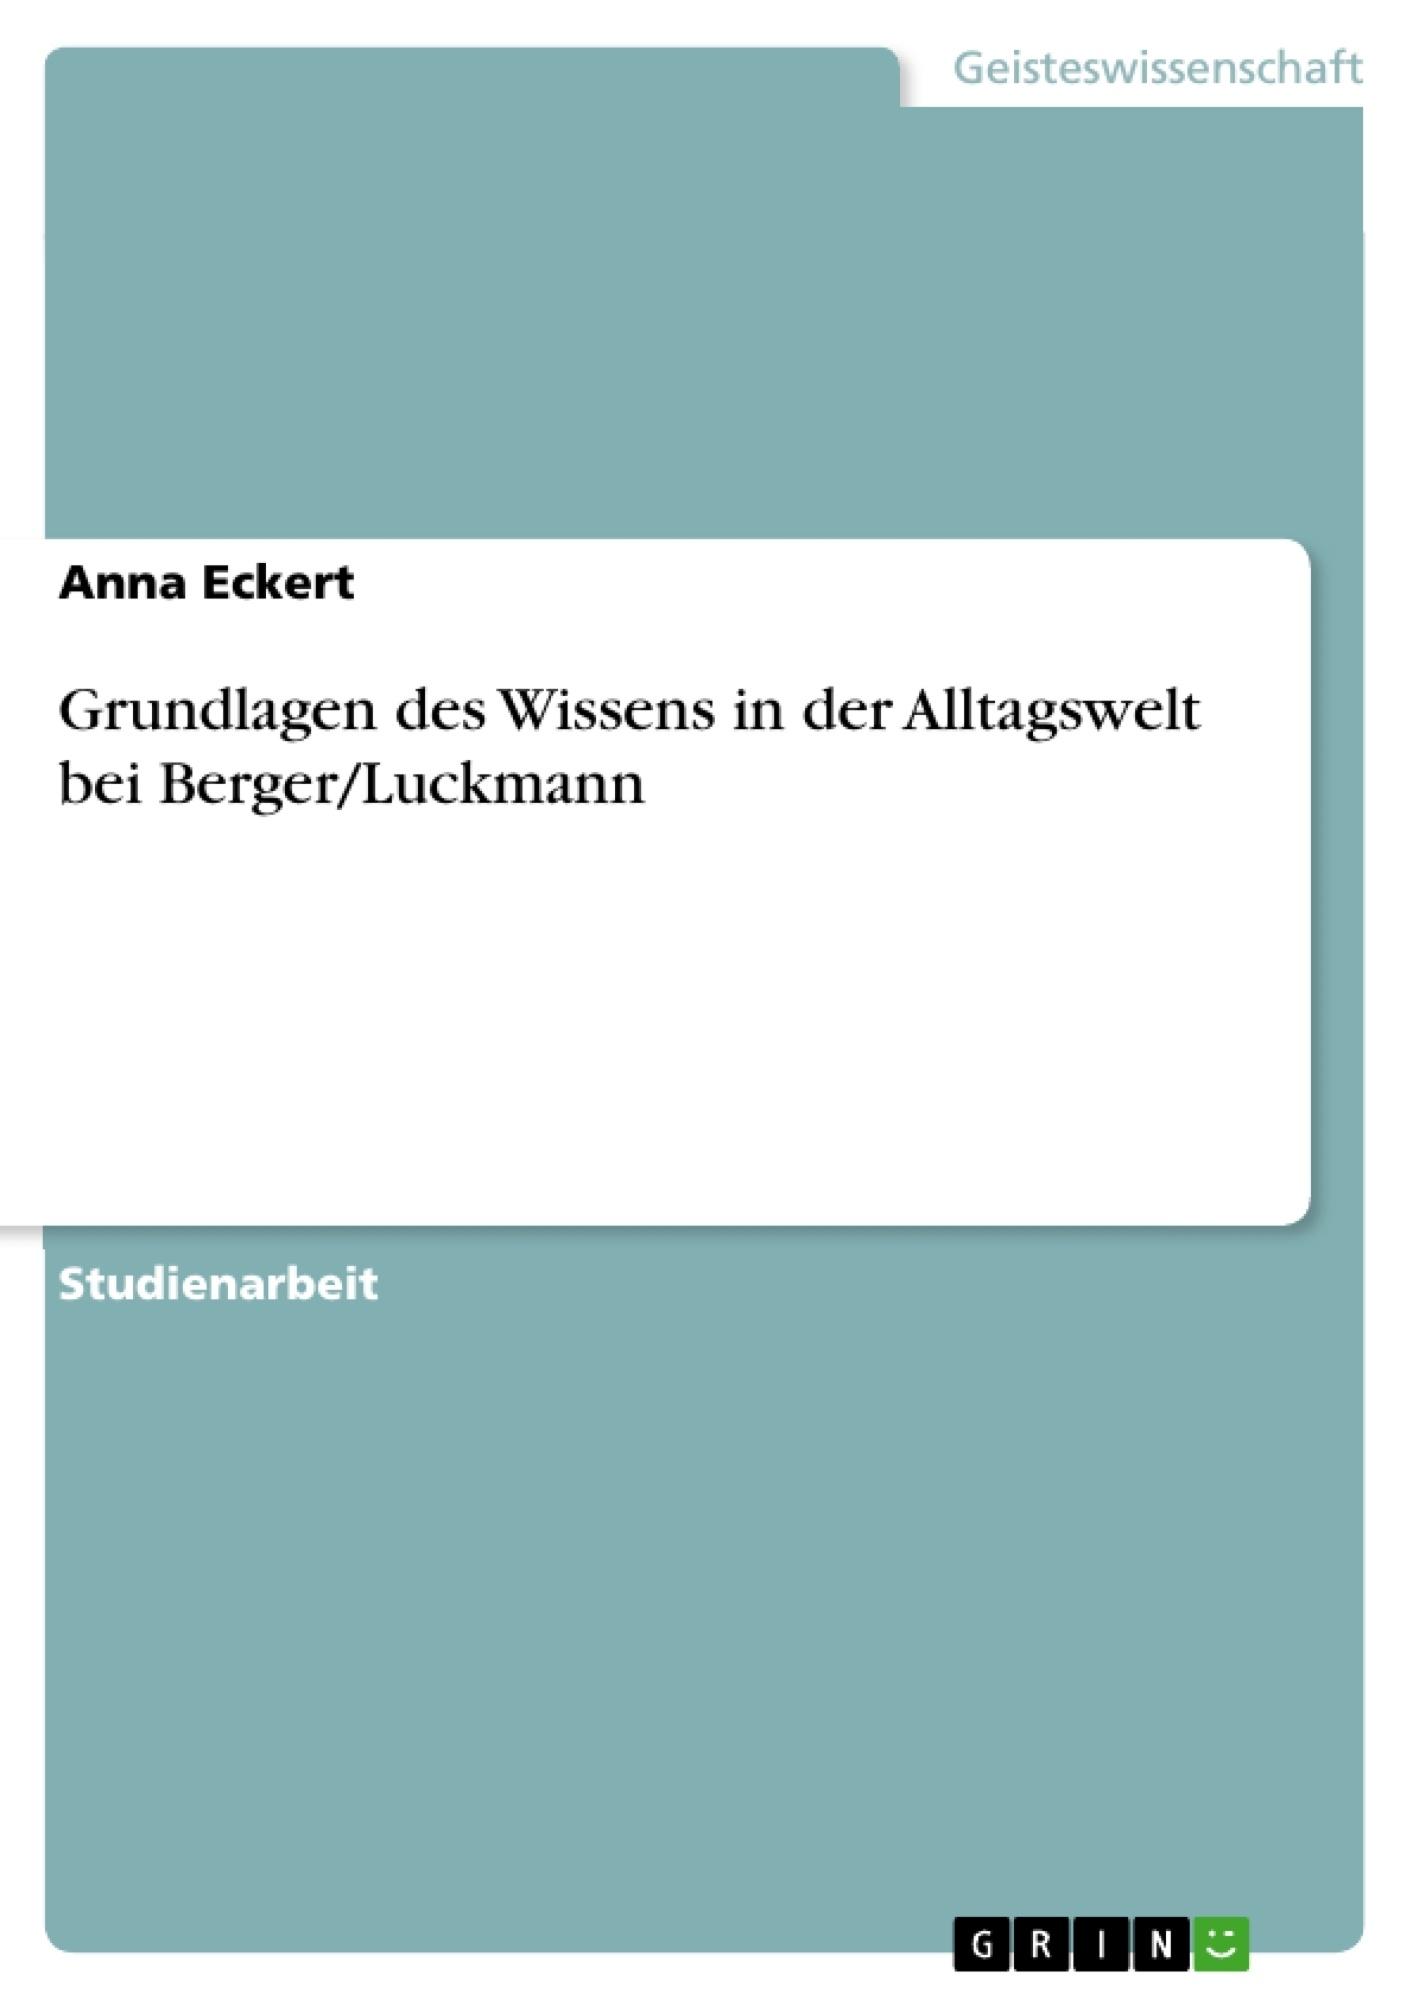 Titel: Grundlagen des Wissens in der Alltagswelt bei Berger/Luckmann